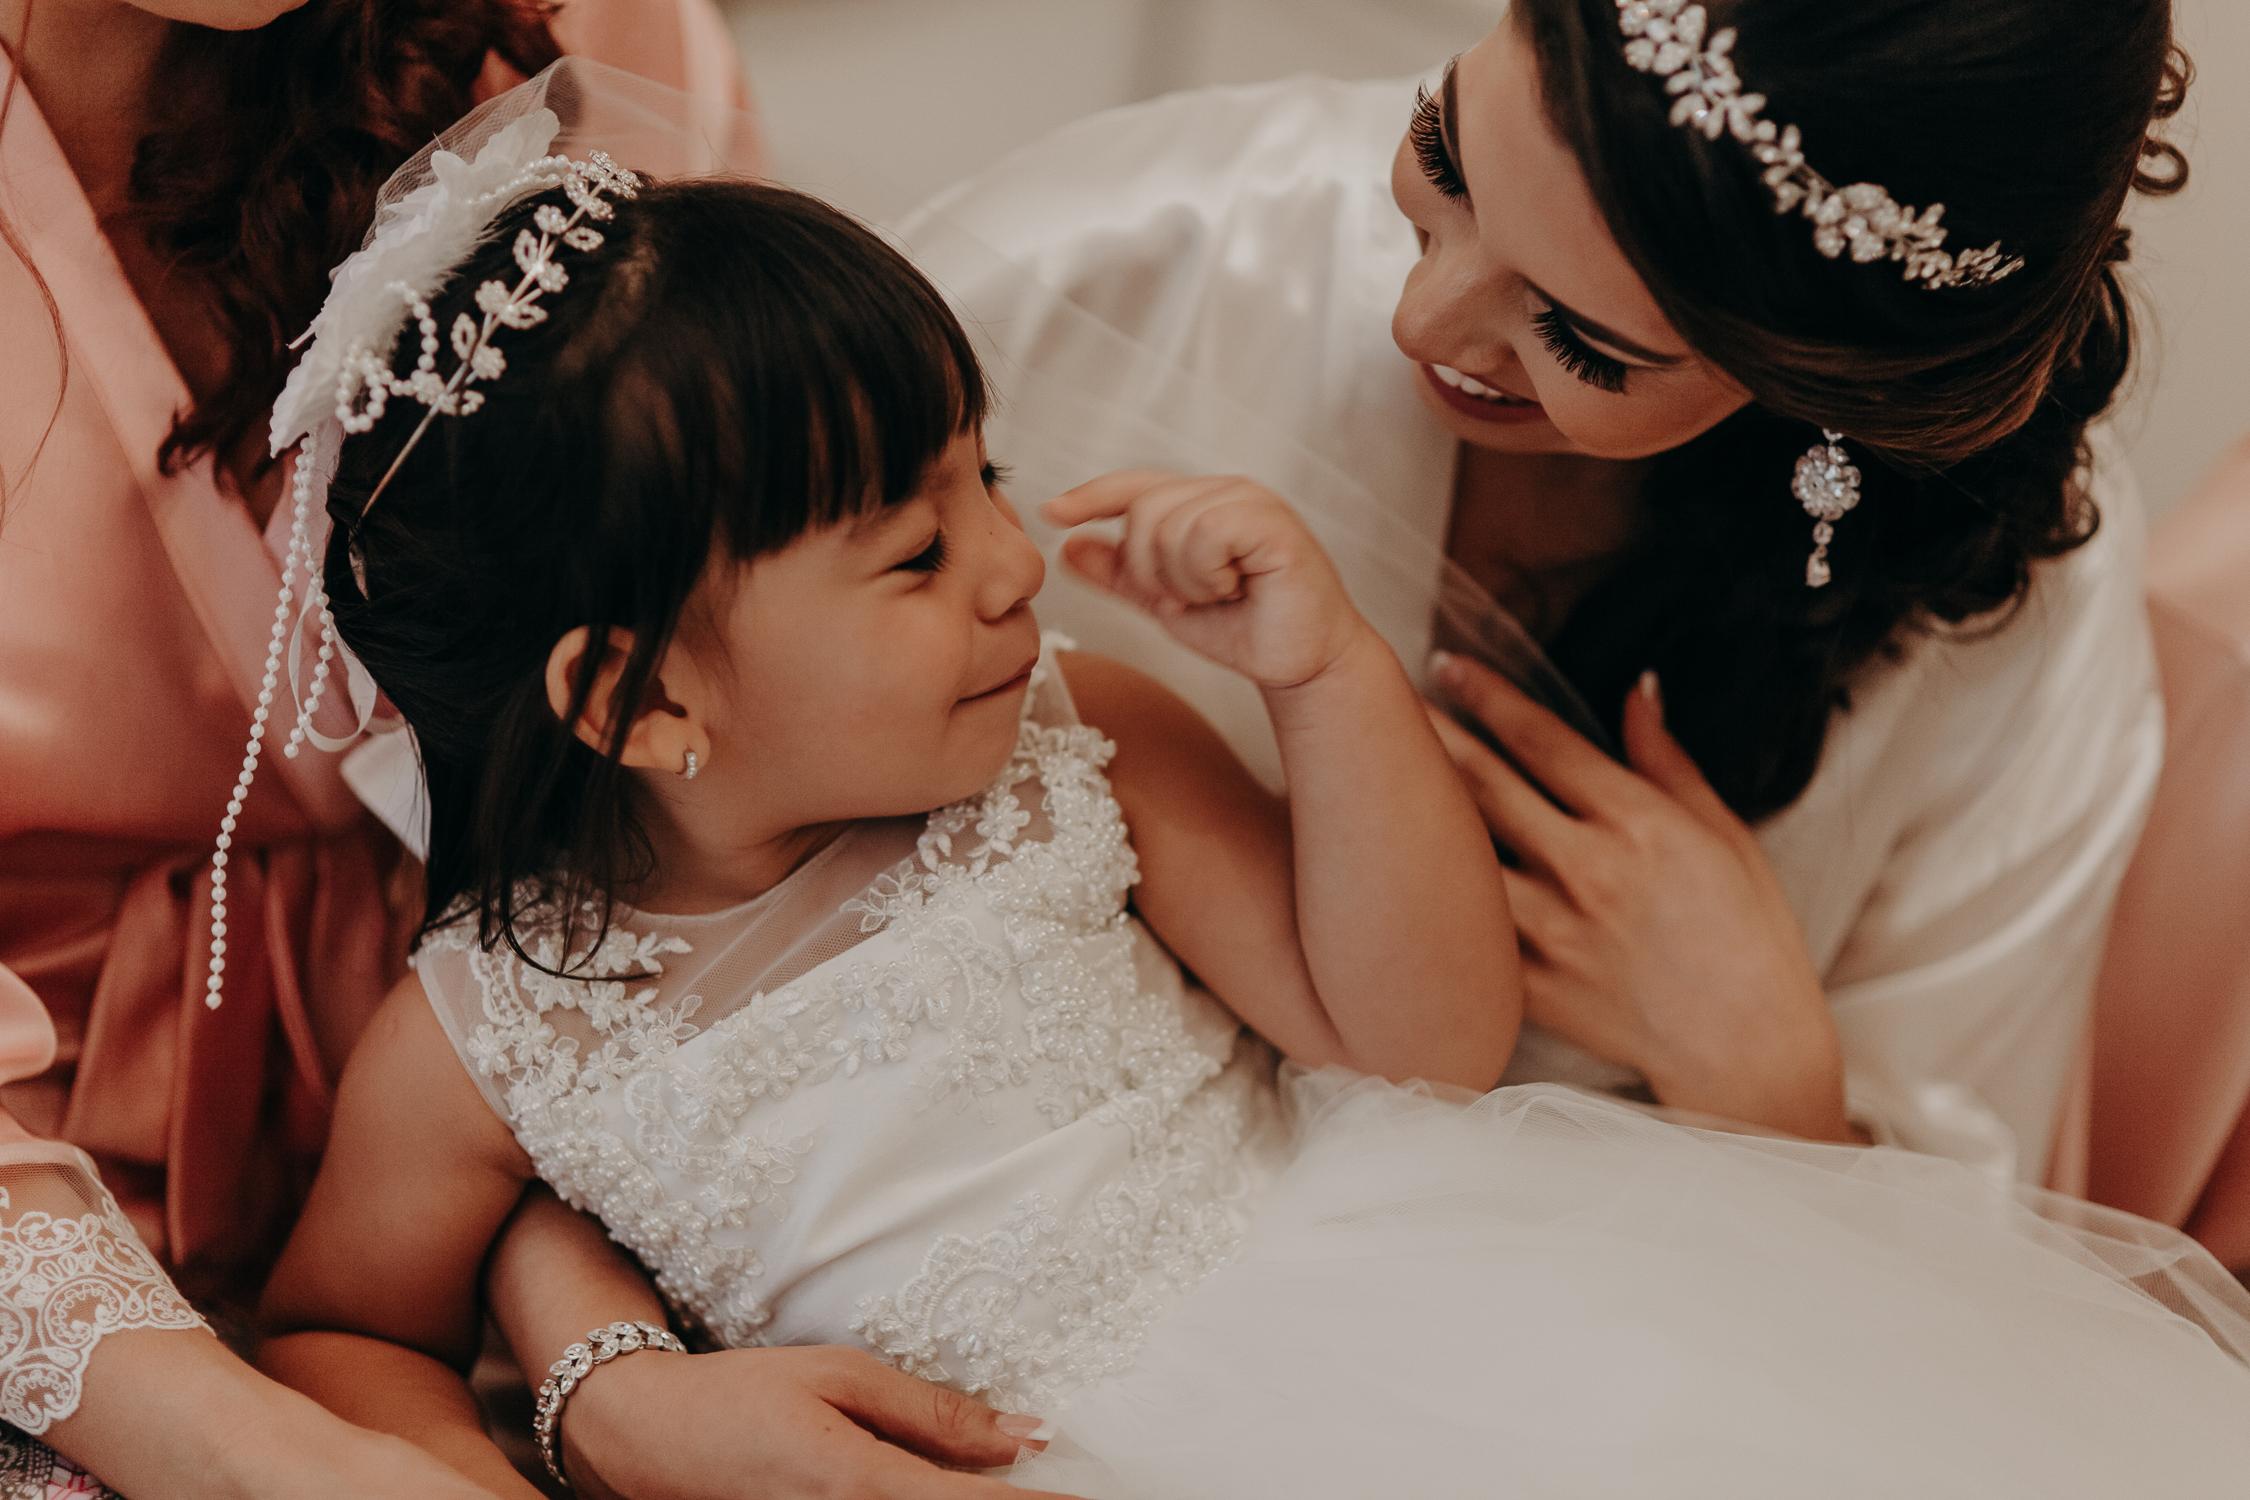 Michelle-Agurto-Fotografia-Bodas-Ecuador-Destination-Wedding-Photographer-Patricia-Guido-21.JPG